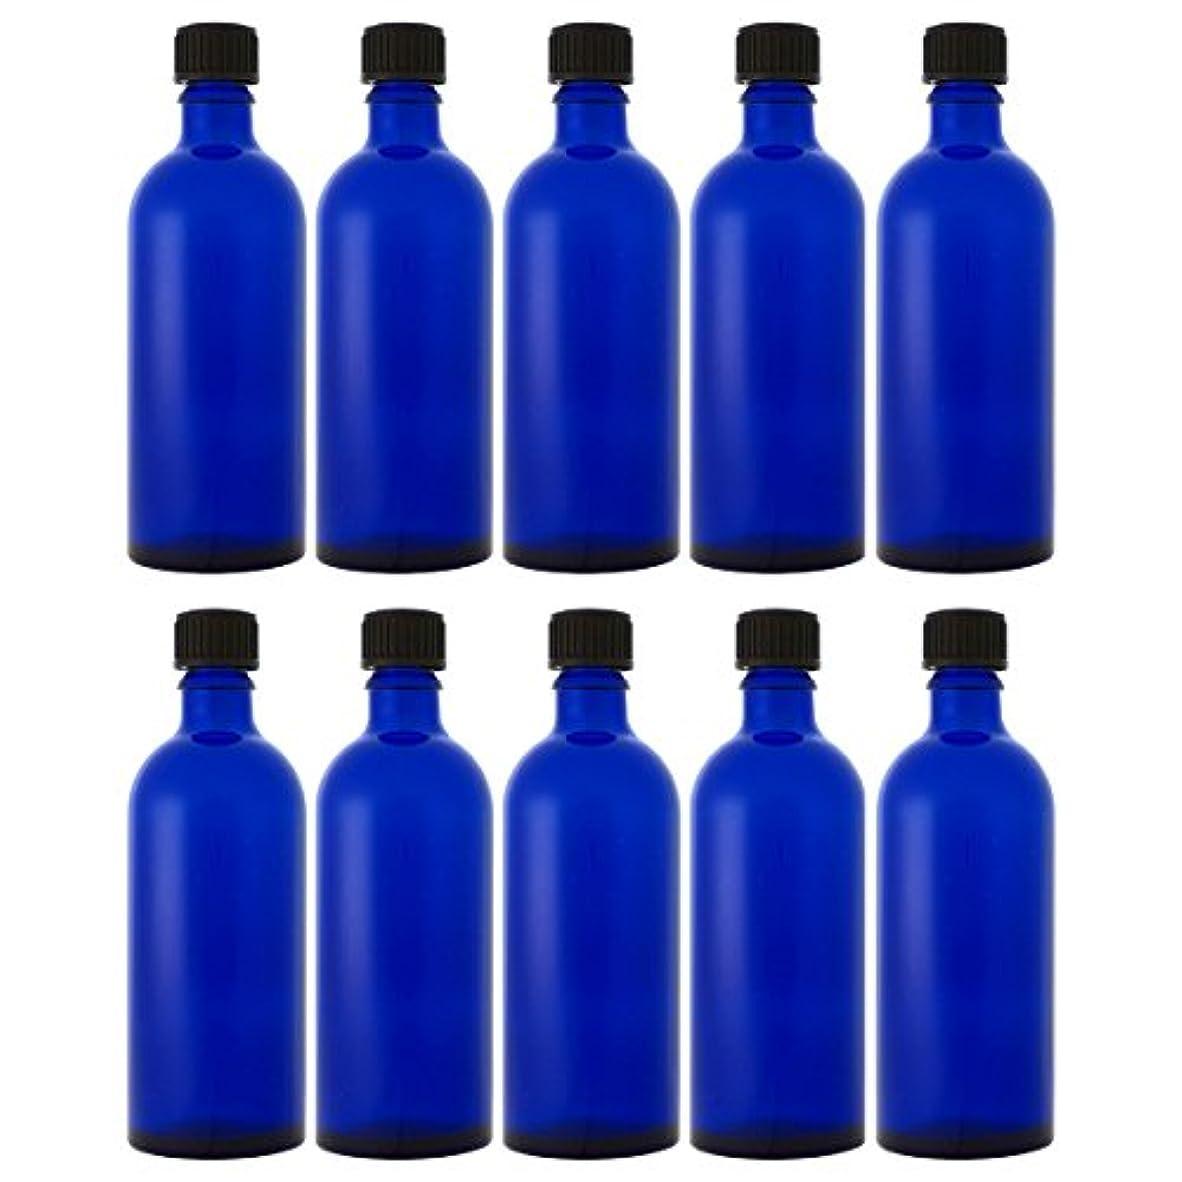 消すブリリアント定期的に青色遮光ビン 100ml (ドロッパー付) 10本セット